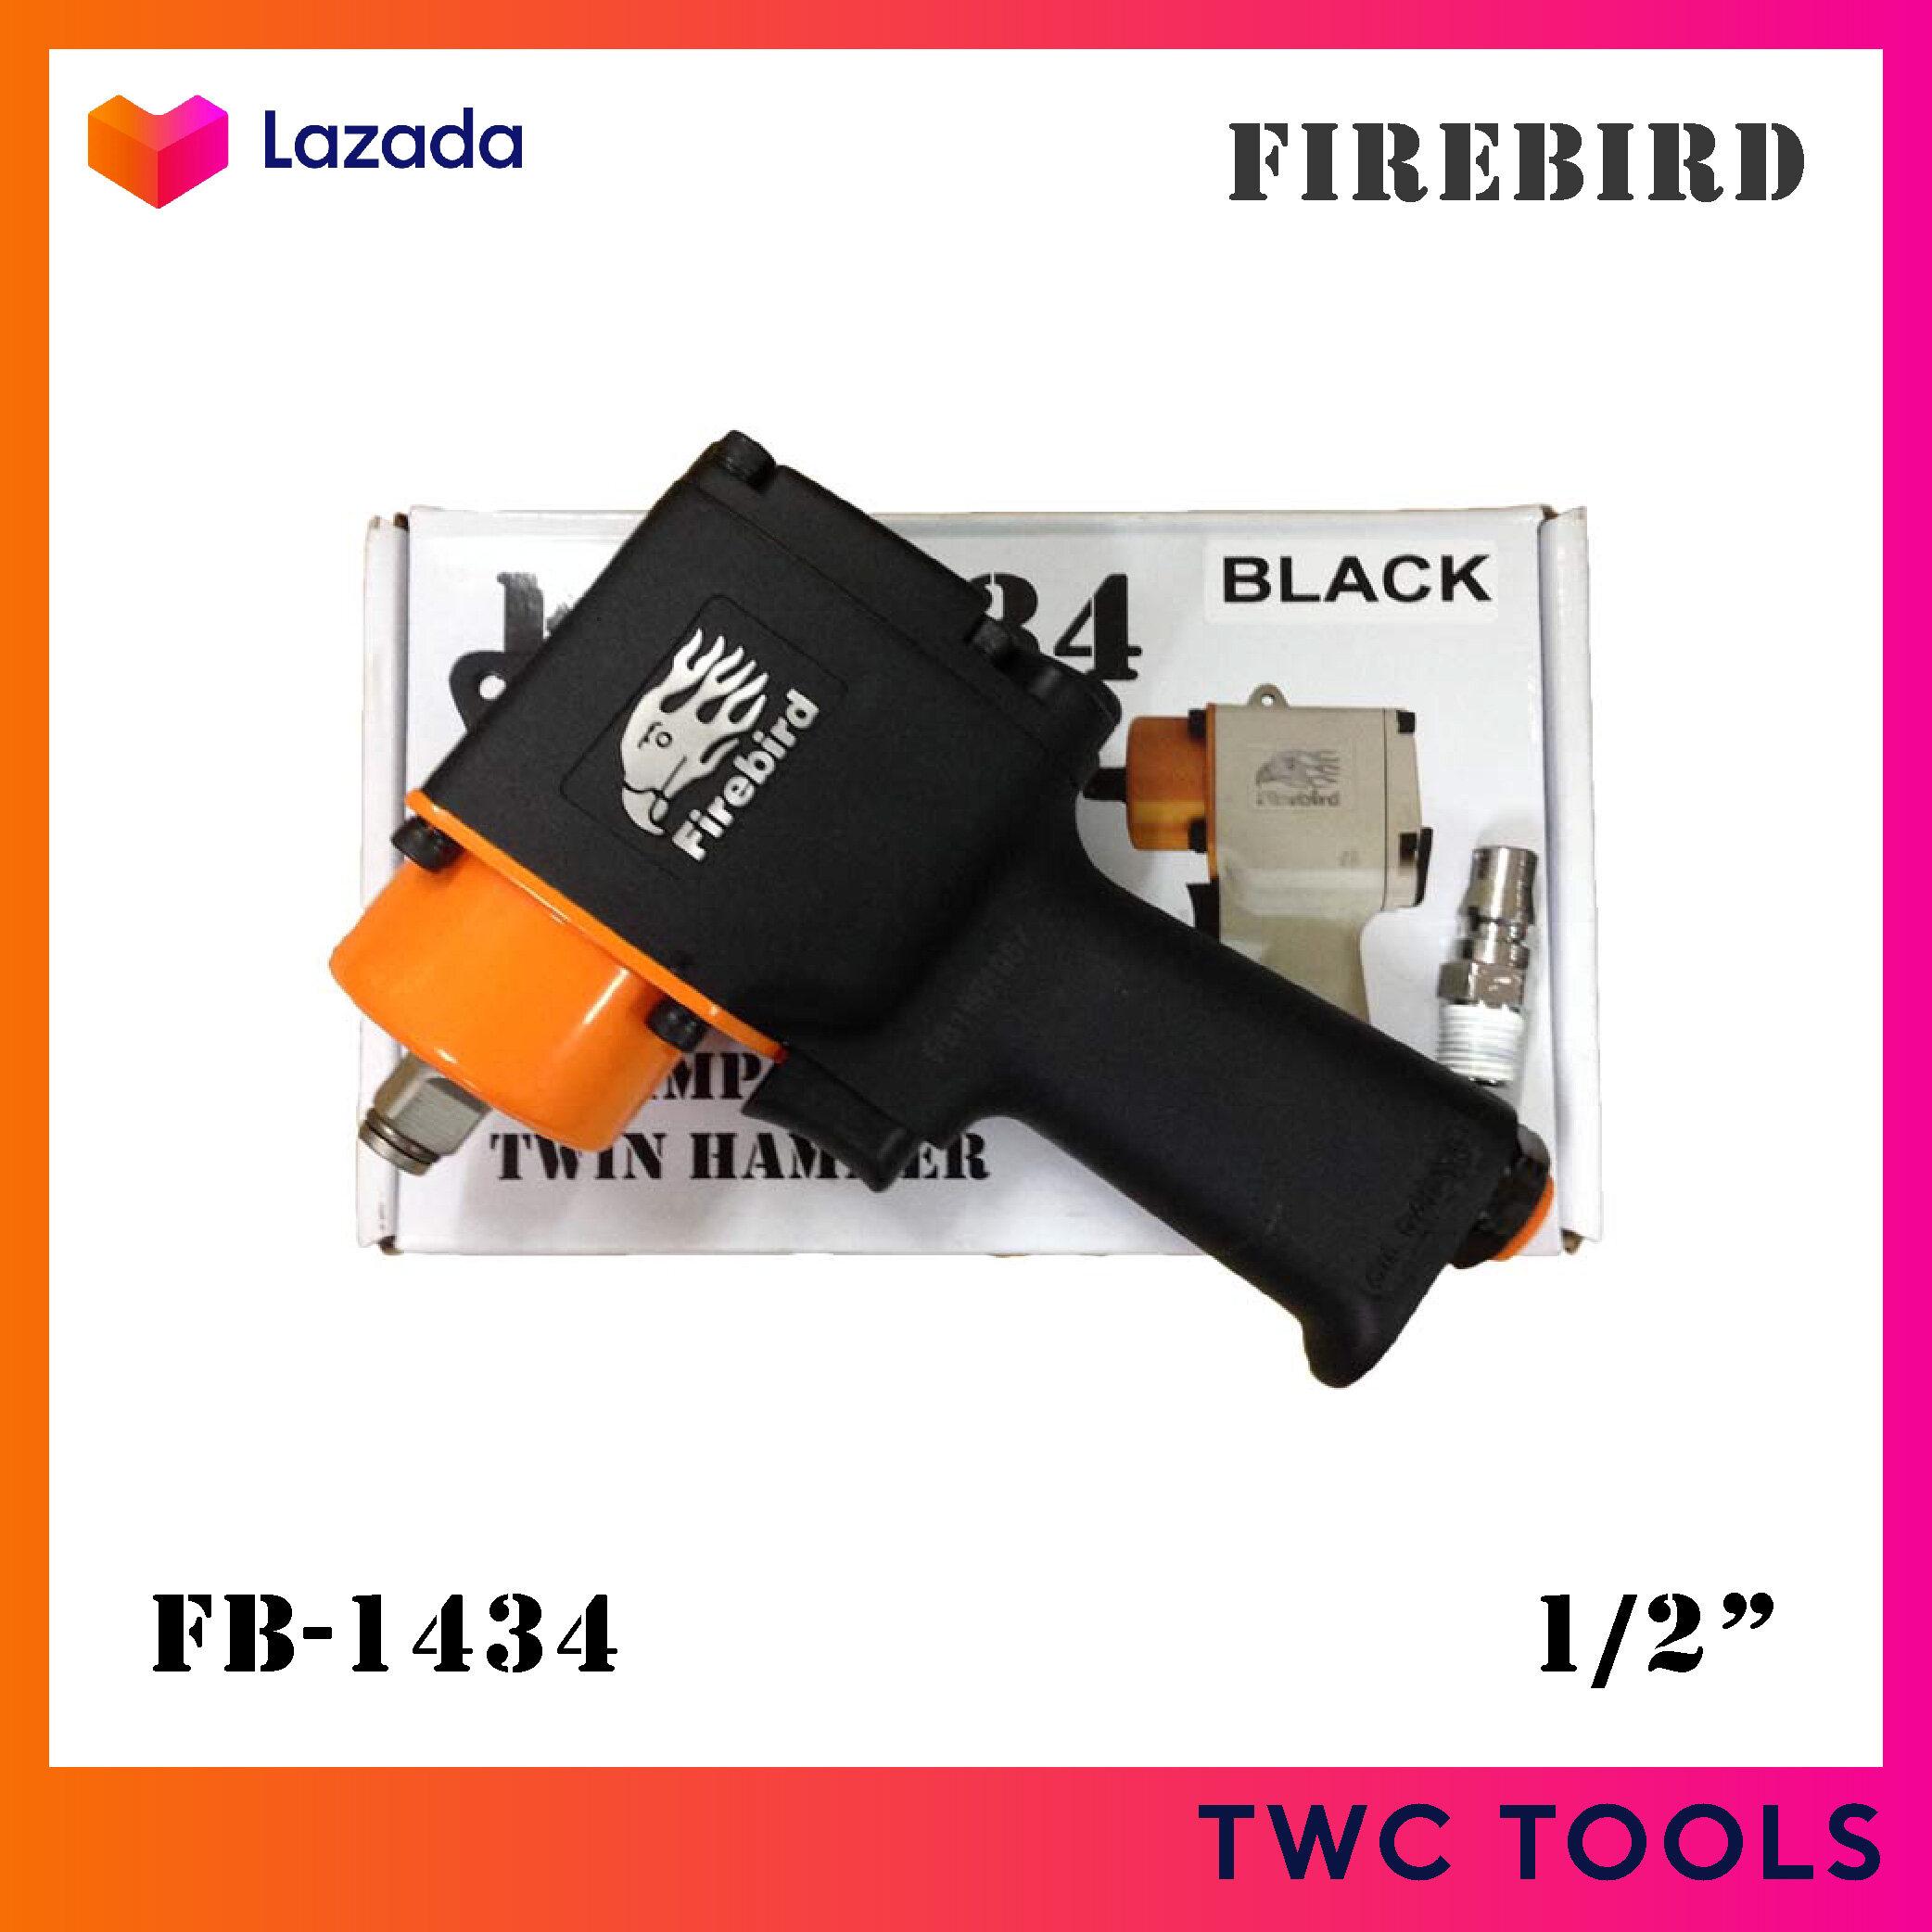 งานไต้หวัน บล็อกลม บ๊อกลม บล็อกลมจิ๋ว บล็อกลมคอสั้น Firebird ขนาด 1/2 รุ่น Fb-1434 กระทัดรัด แรง!!.